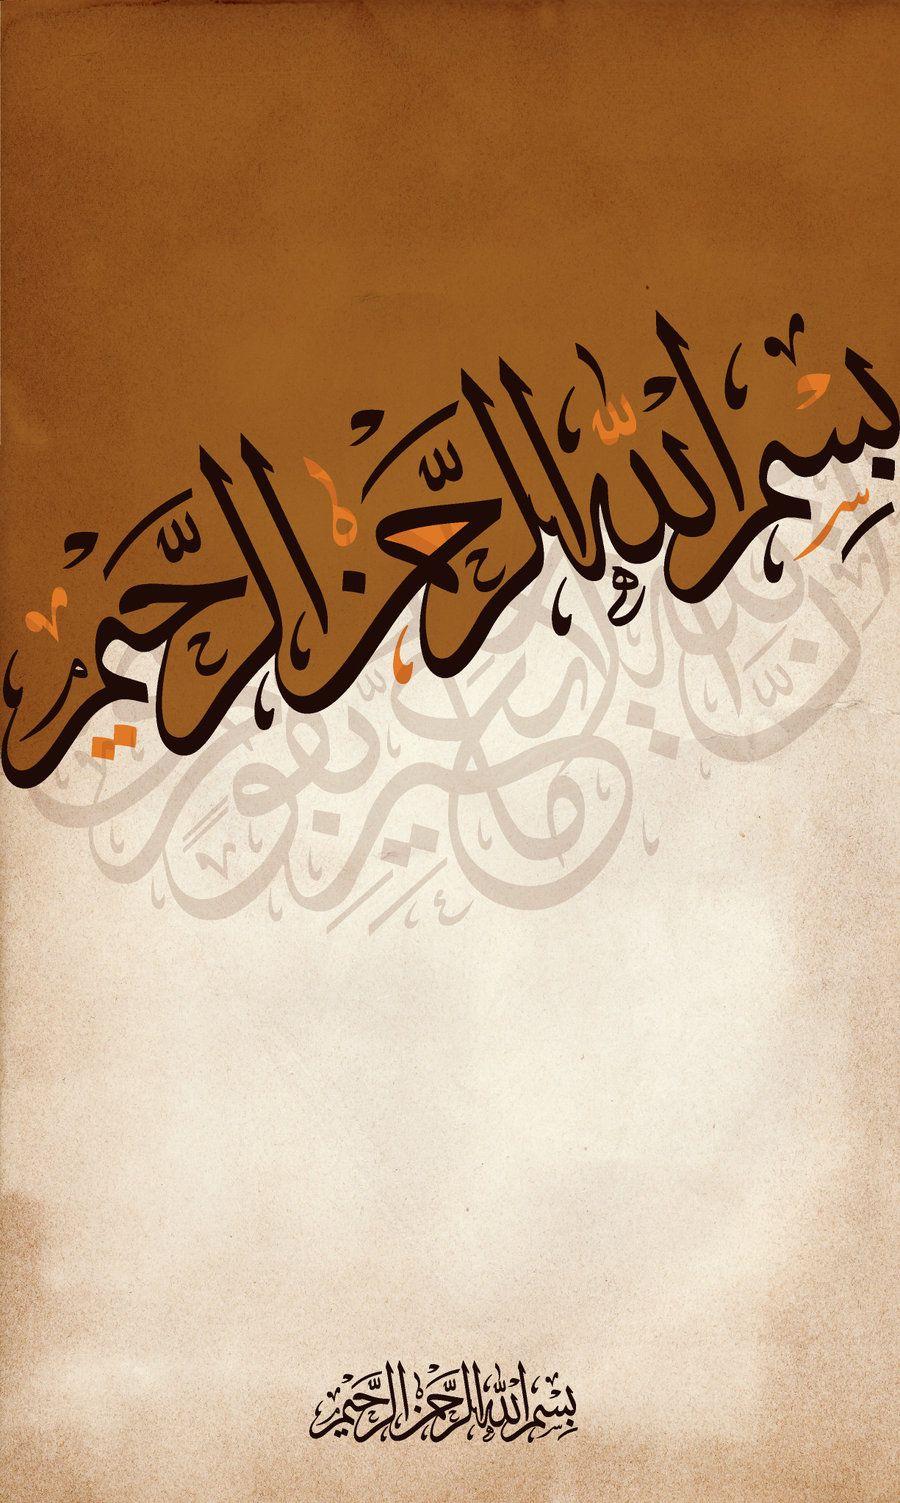 بسم الله الرحمن الرحيم In The Name Of Allah The Most Gracious